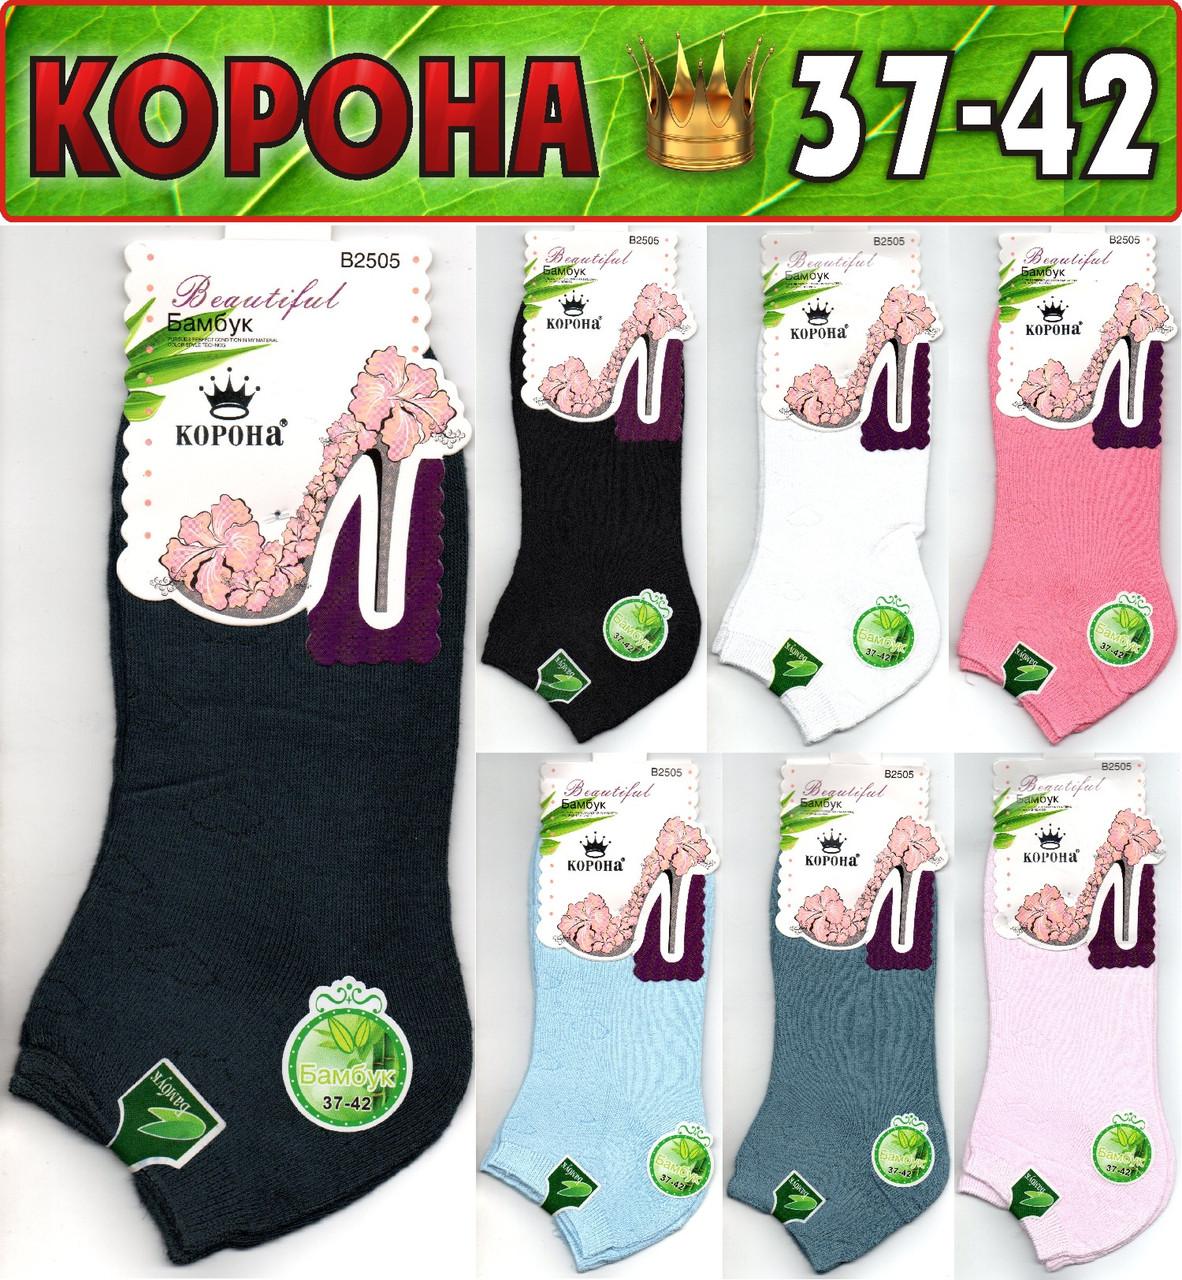 """Женские носки демисезонные  """"КОРОНА"""" бамбук 37-42 размер    НЖД-02609"""